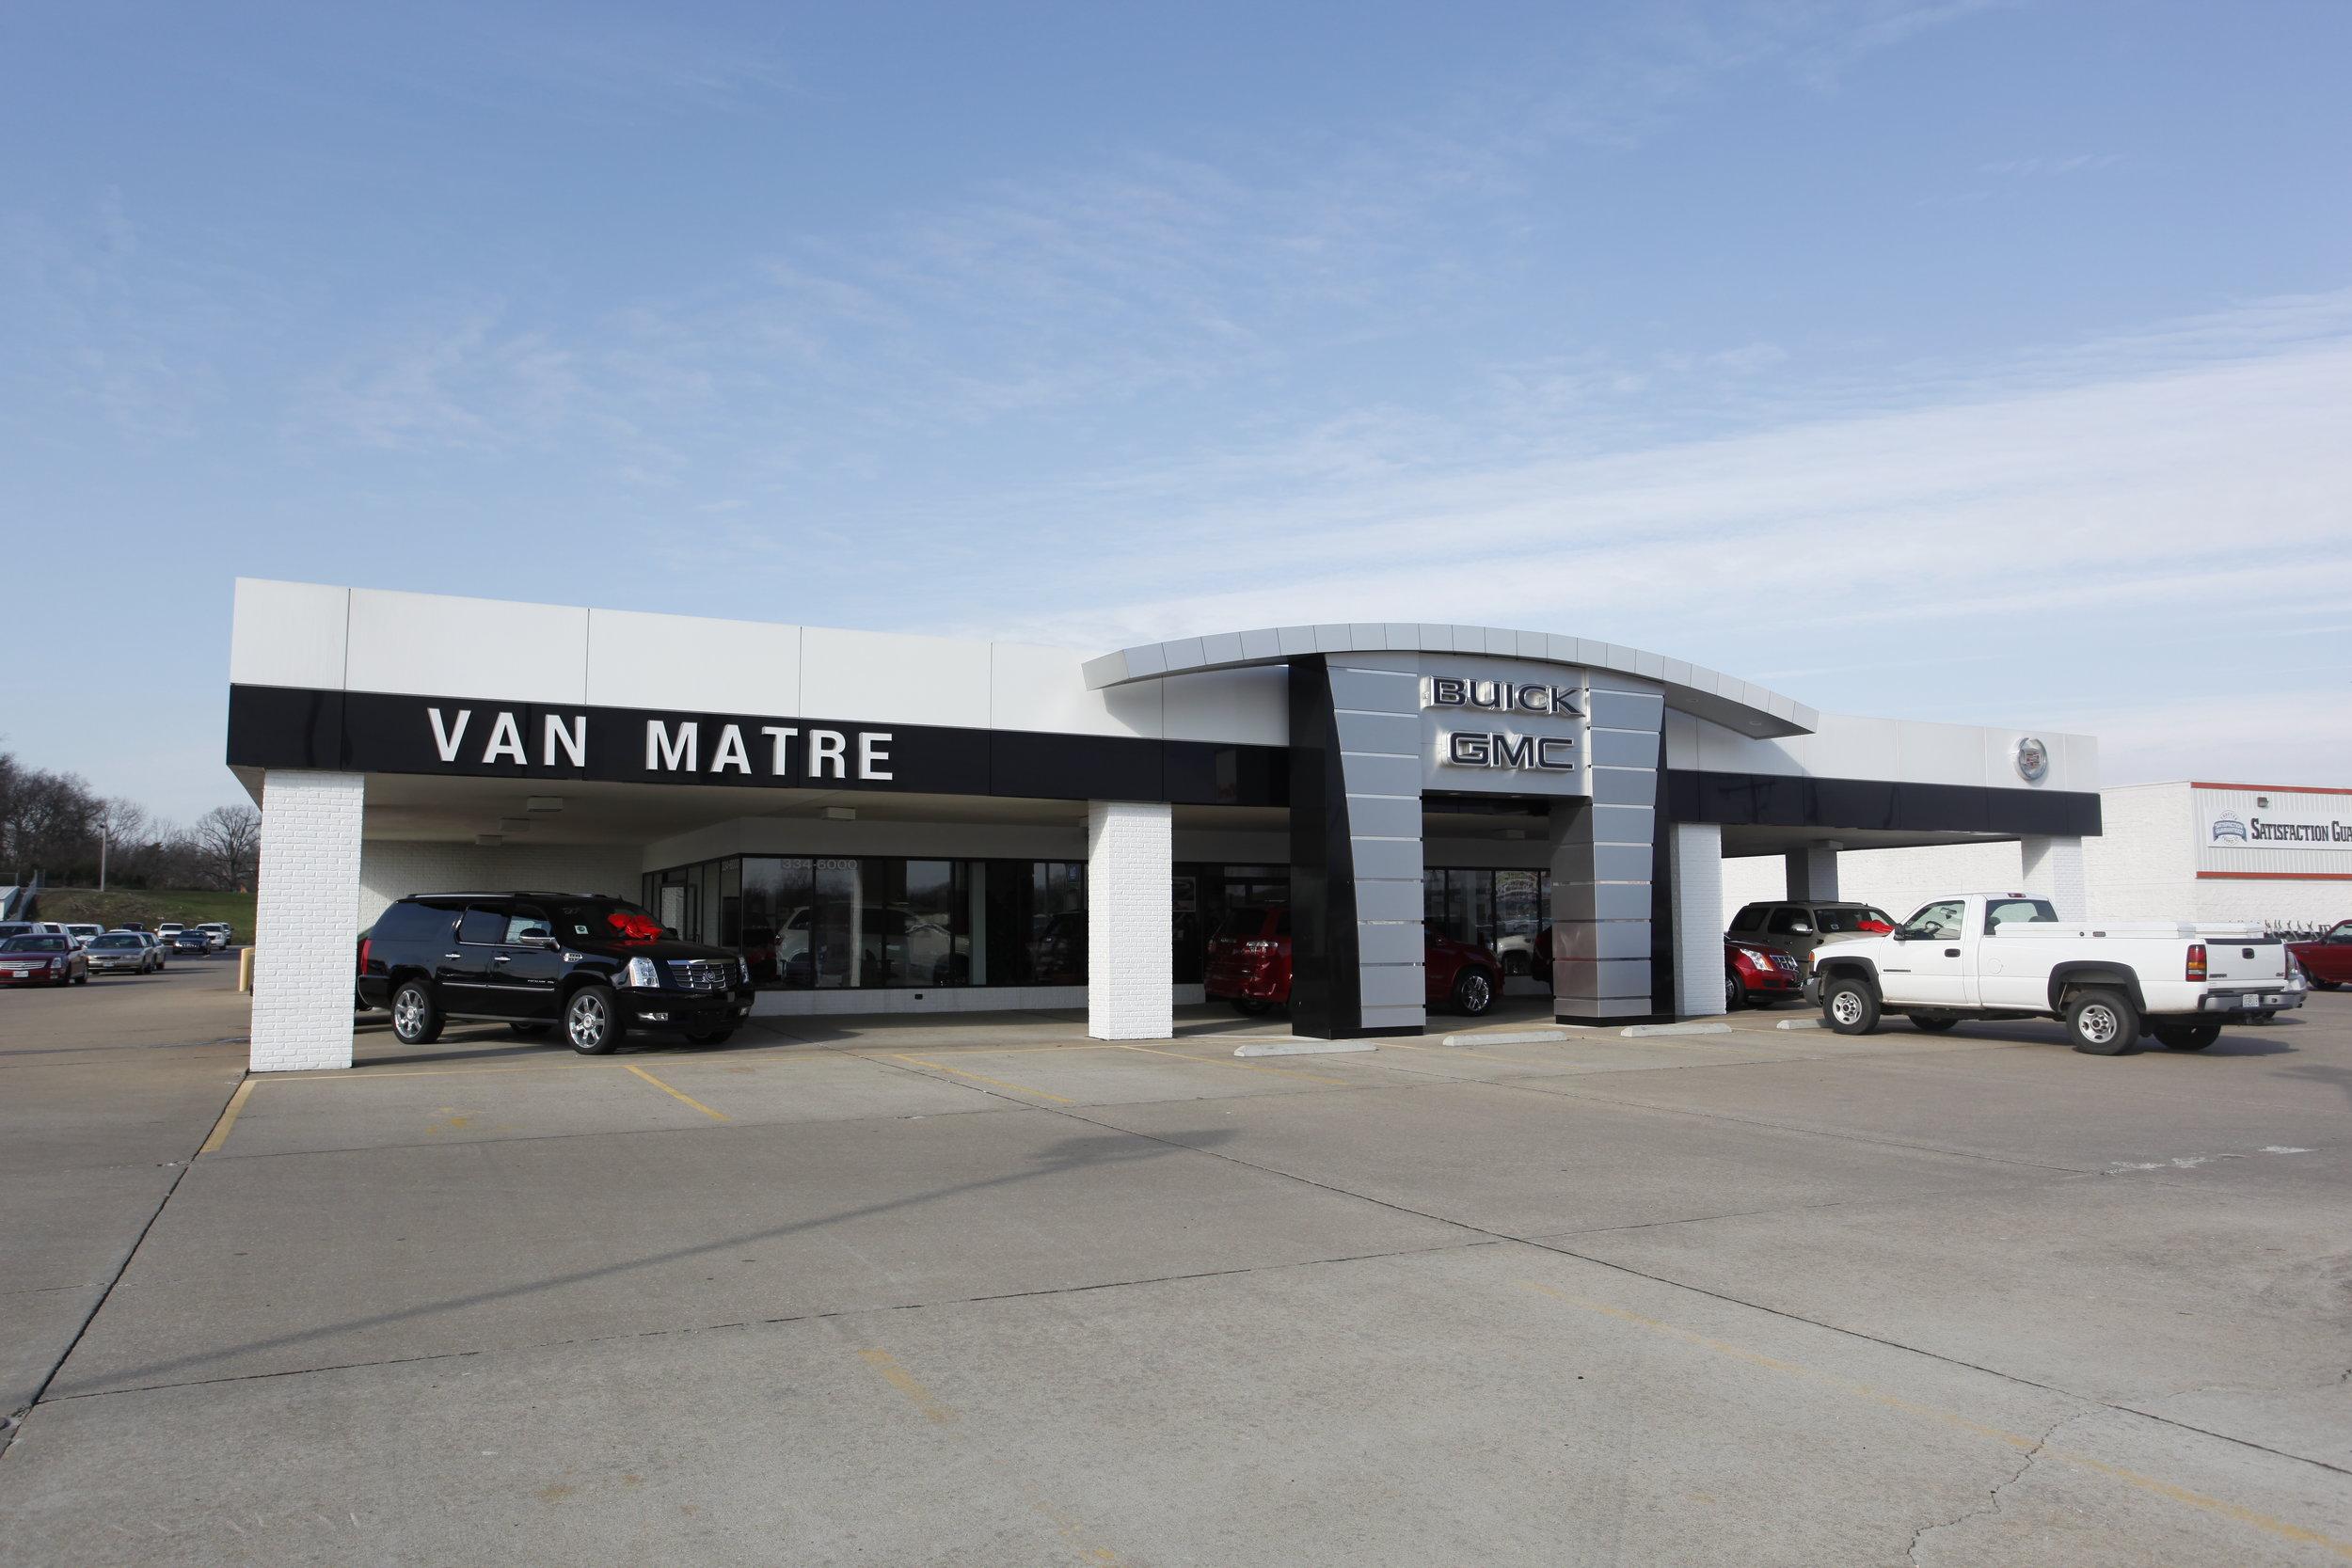 Van Matre Buick GMC - Cape Girardeau, Missouri